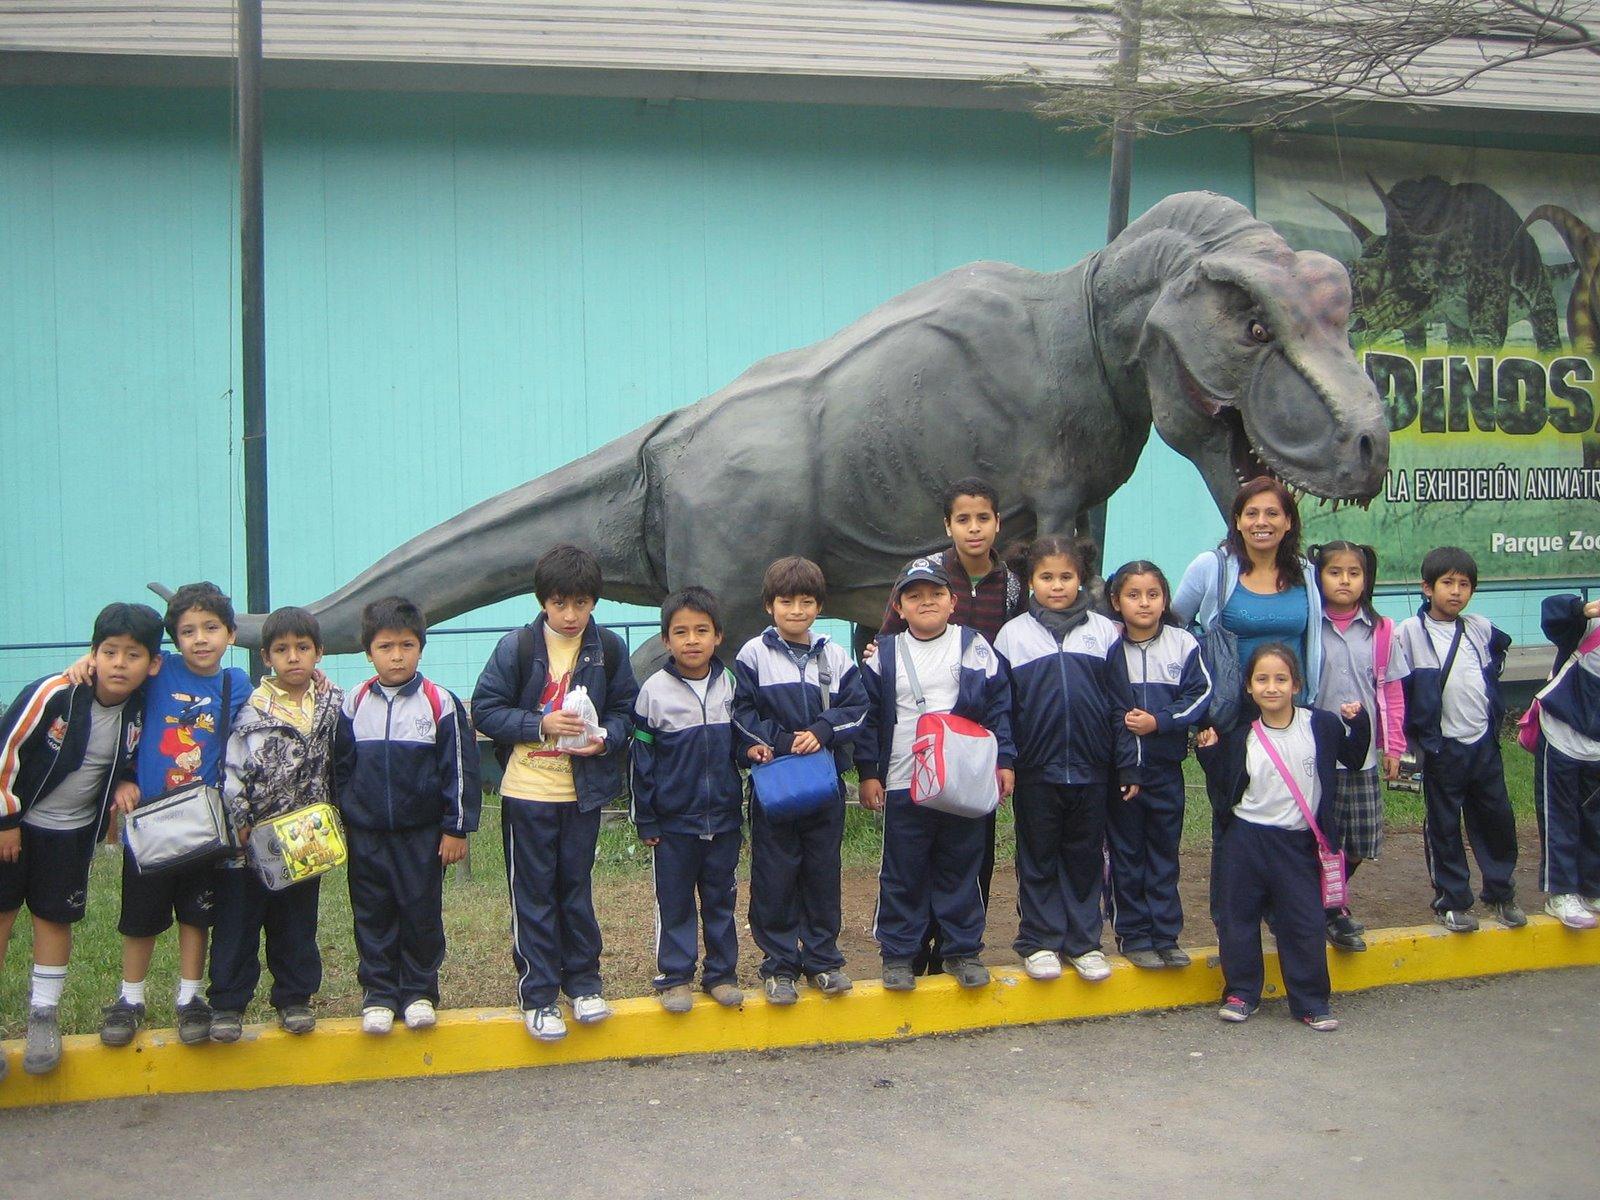 Nos Educamos Y Aprendemos En 2do Grado A 2011 I E Pedro Venturo Visitamos El Zoologico De Huachipa El parque zoológico huachipa es un lugar de entretenimiento y de cultura para el cuidado de la vida animal y el centro ecológico recreacional de huachipa, es un hermoso refugio natural considerado como guías para conocer el zoológico. nos educamos y aprendemos en 2do grado a 2011 ie pedro venturo blogger